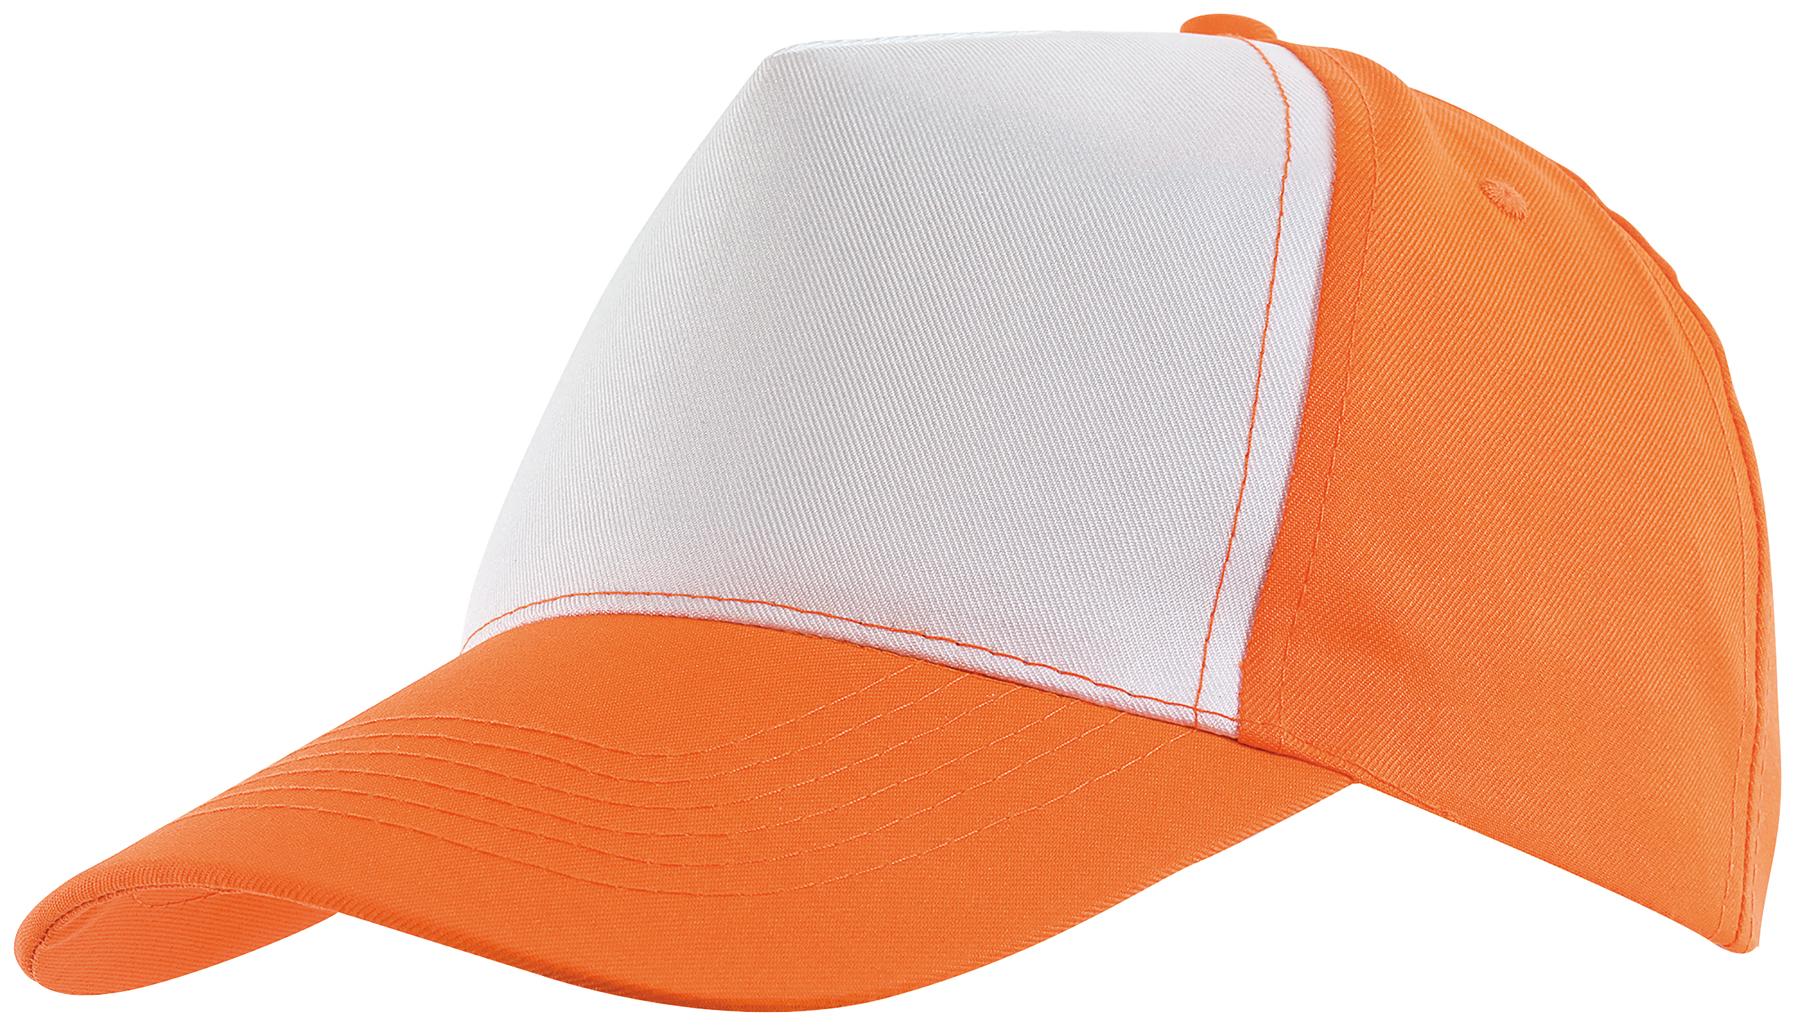 5 segmentowa czapka SHINY, biały, pomarańczowy